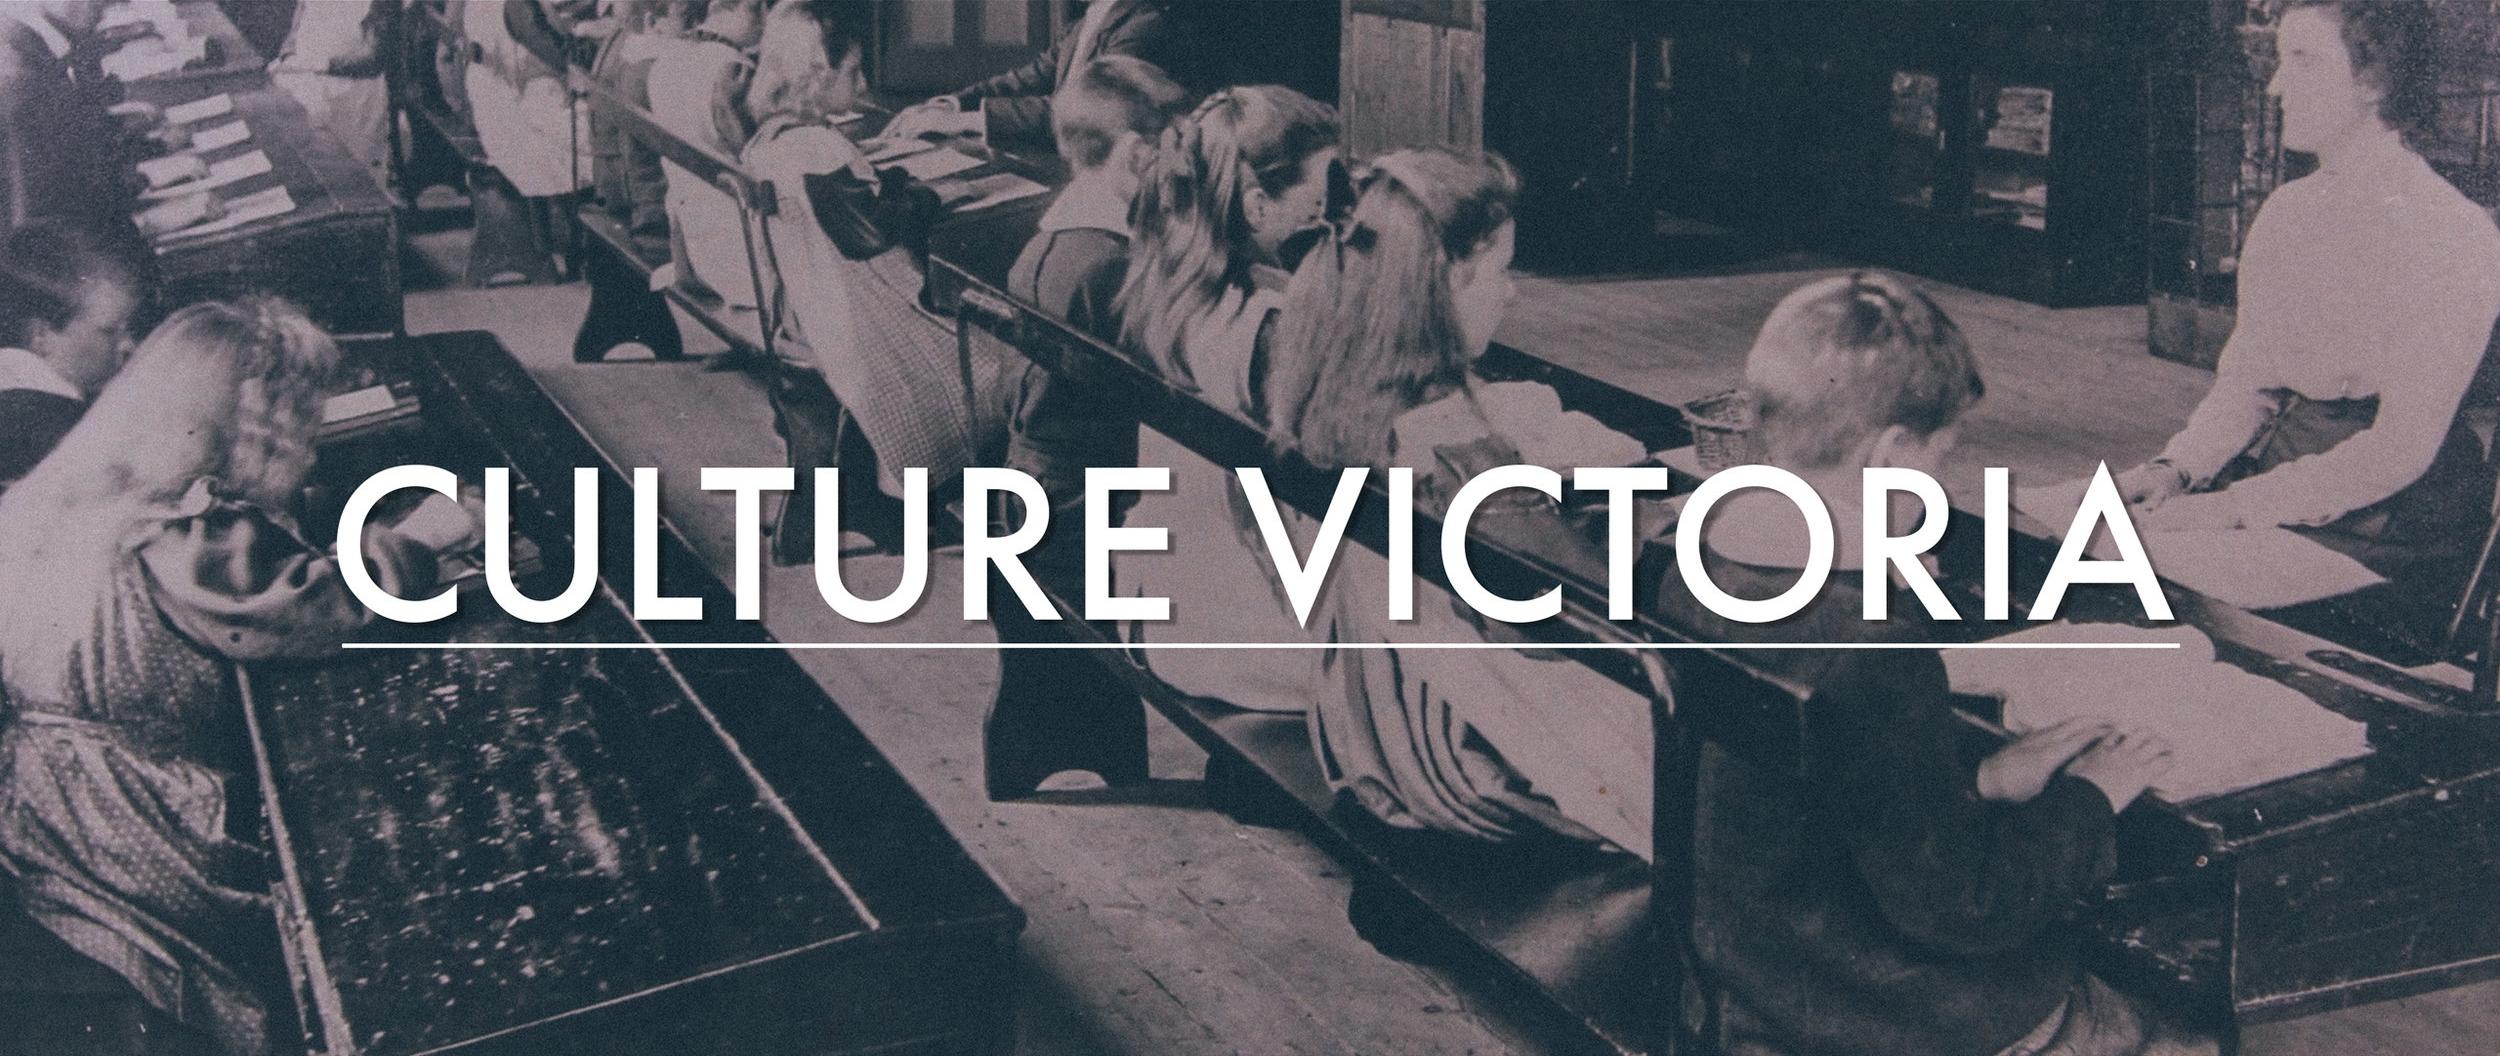 feature-culture-victoria.jpg